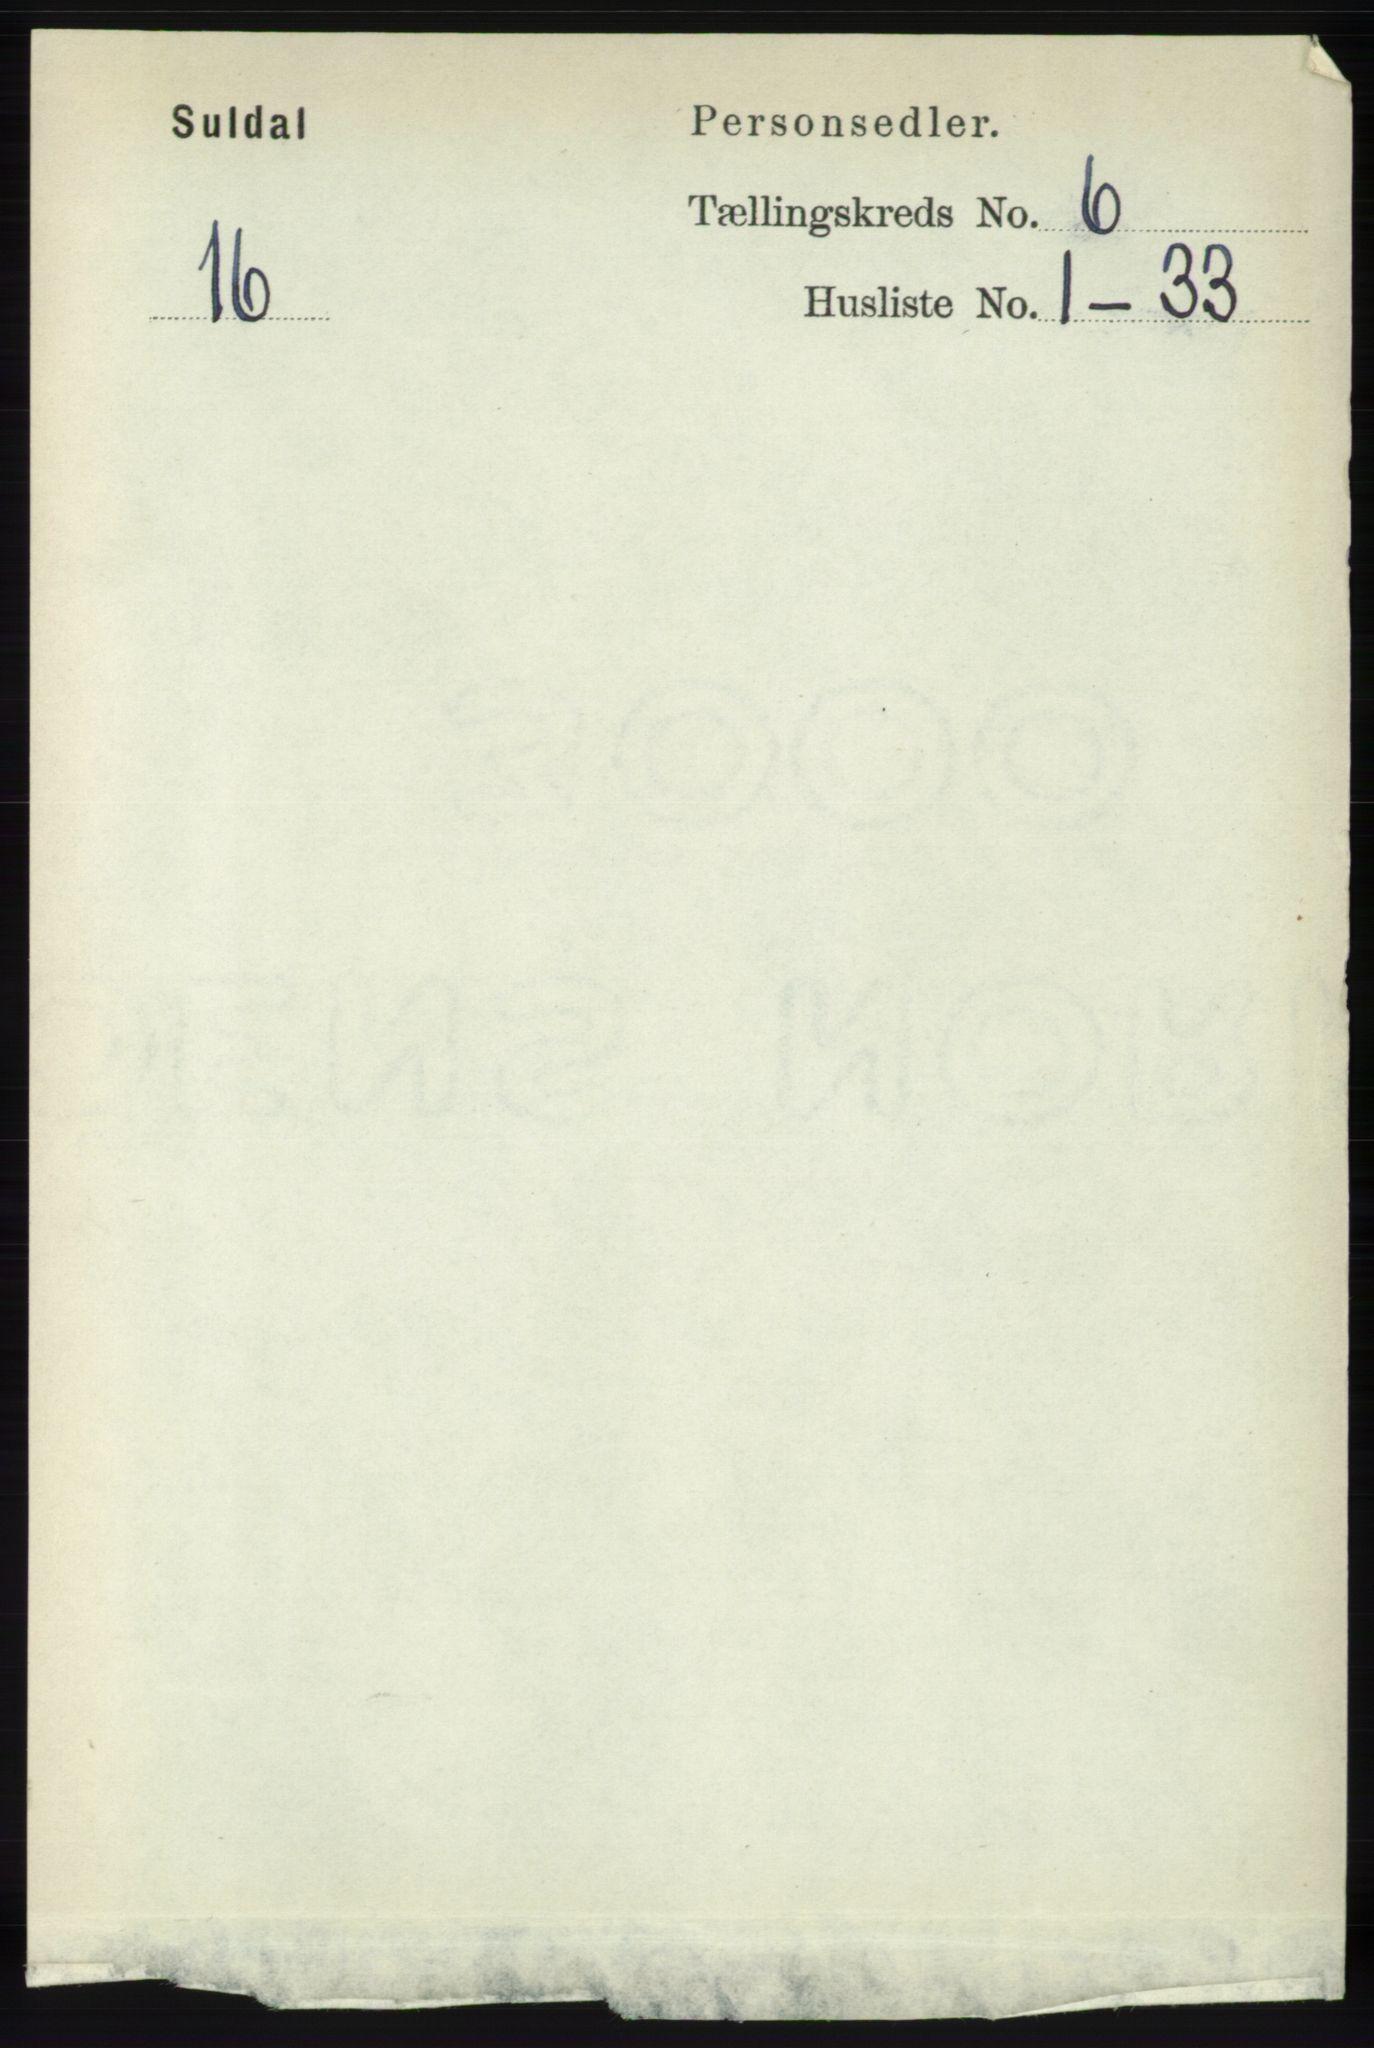 RA, Folketelling 1891 for 1134 Suldal herred, 1891, s. 1594